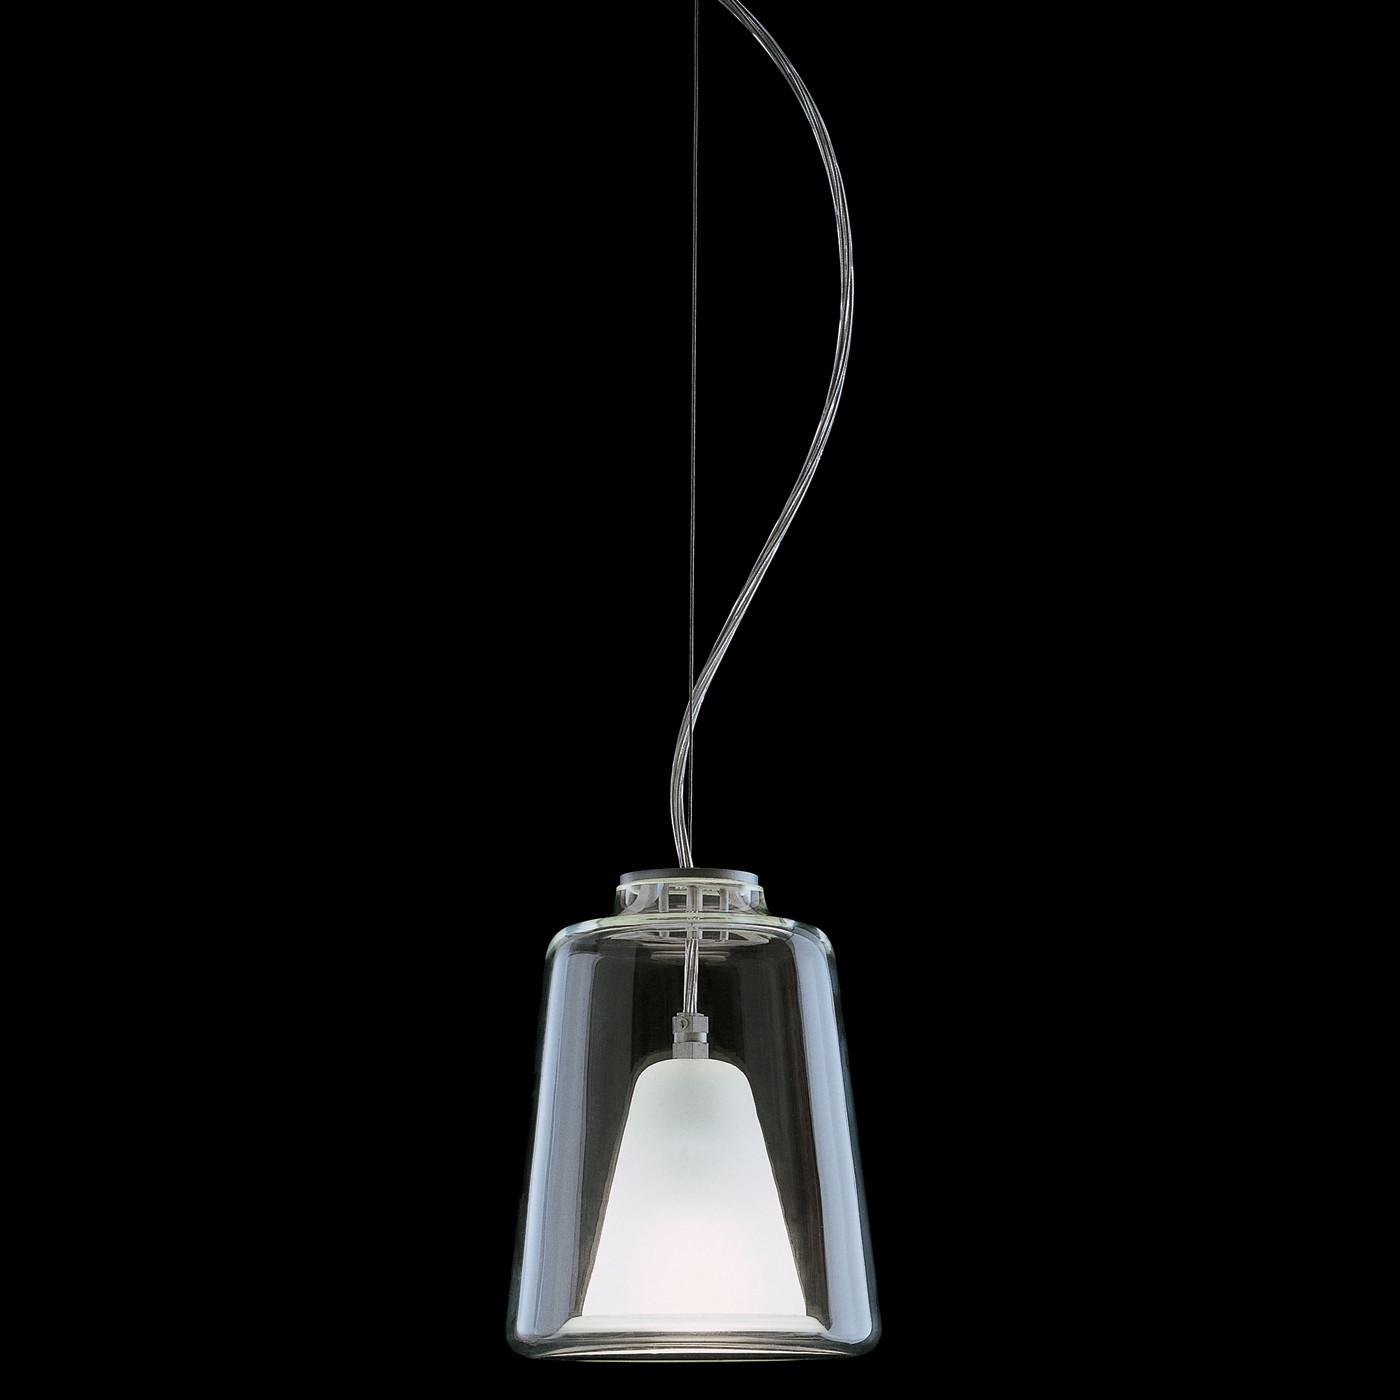 Oluce Lanternina 471 Pendelleuchte